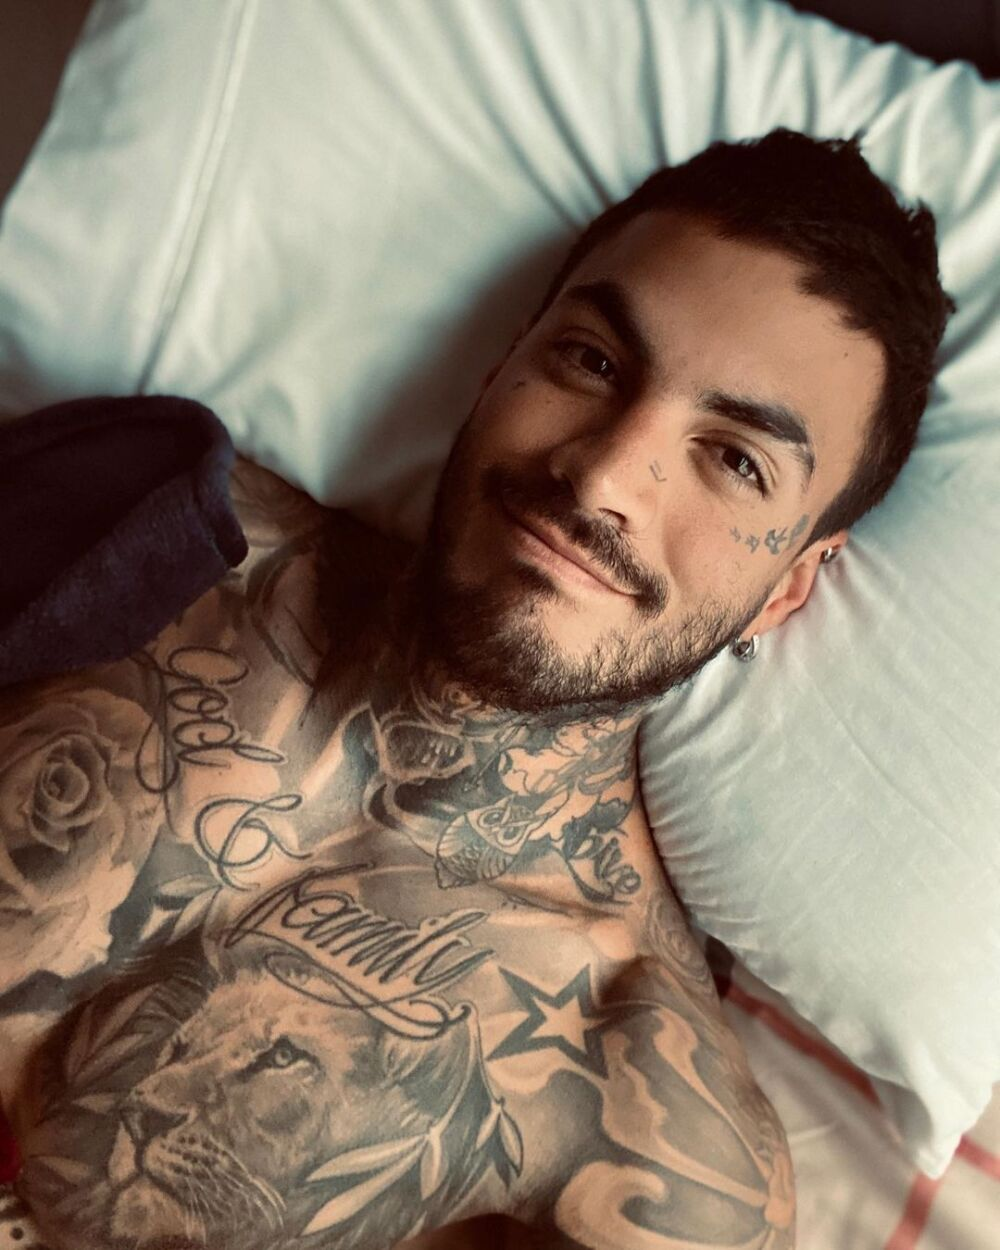 Mateo Carvajal responde a las críticas por el filtro de tatuajes que le puso a su hijo.